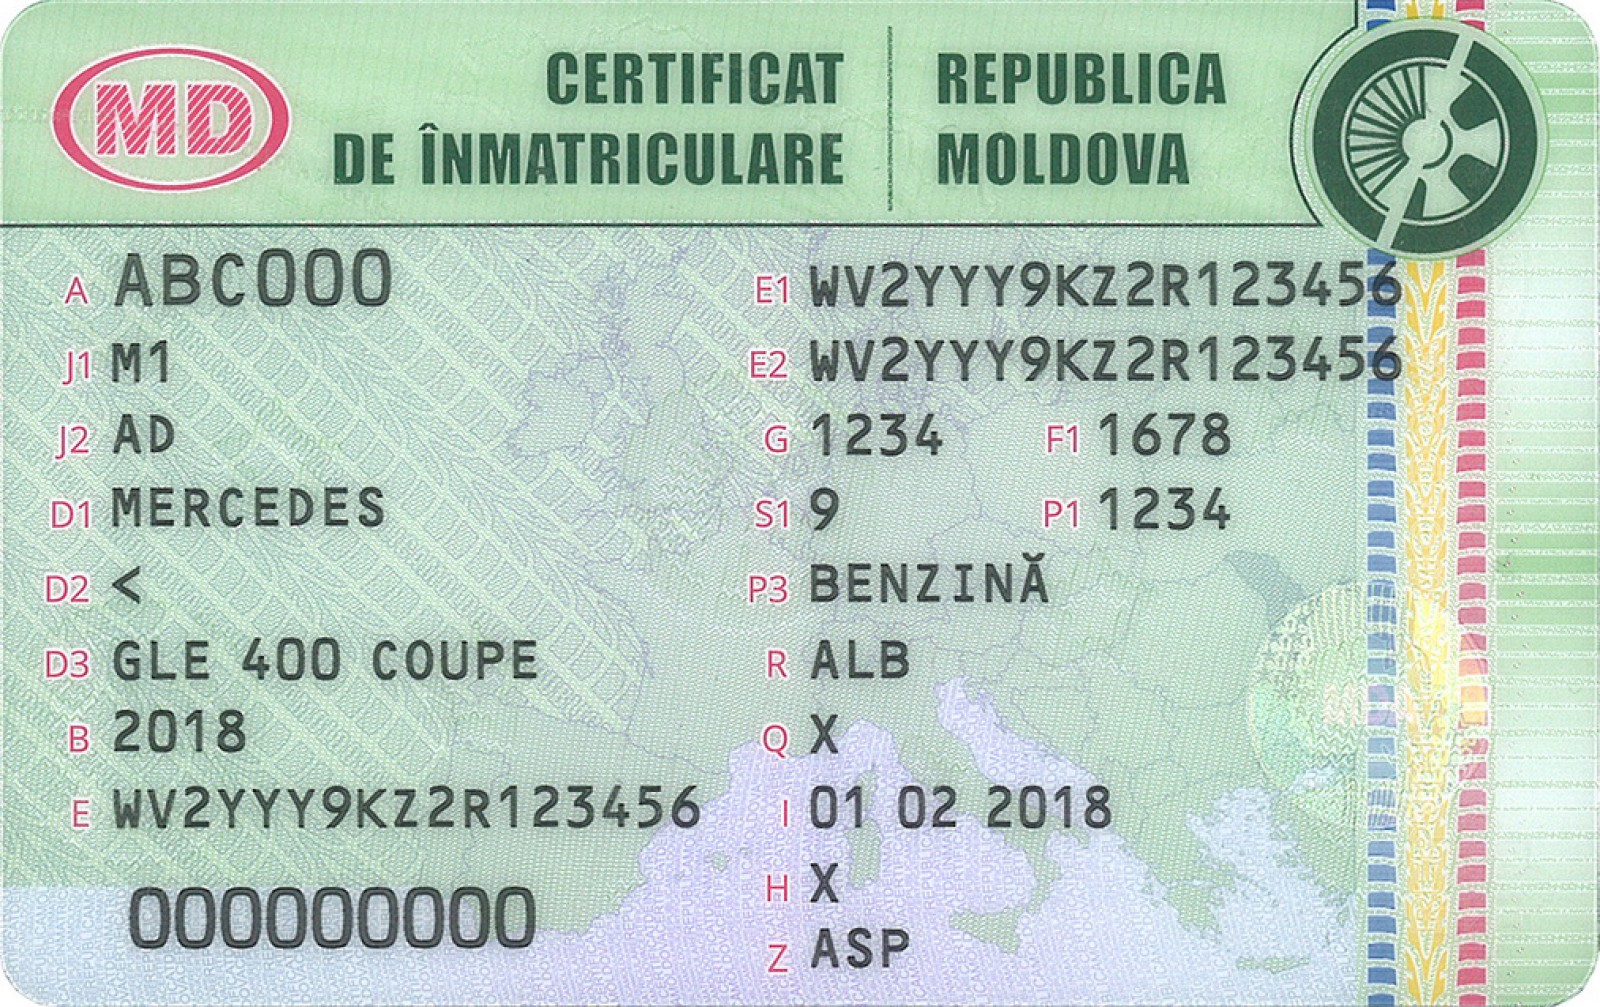 (foto) Moldova: Certificatele de înmatriculare auto de model nou se vor elibera de la 1 martie